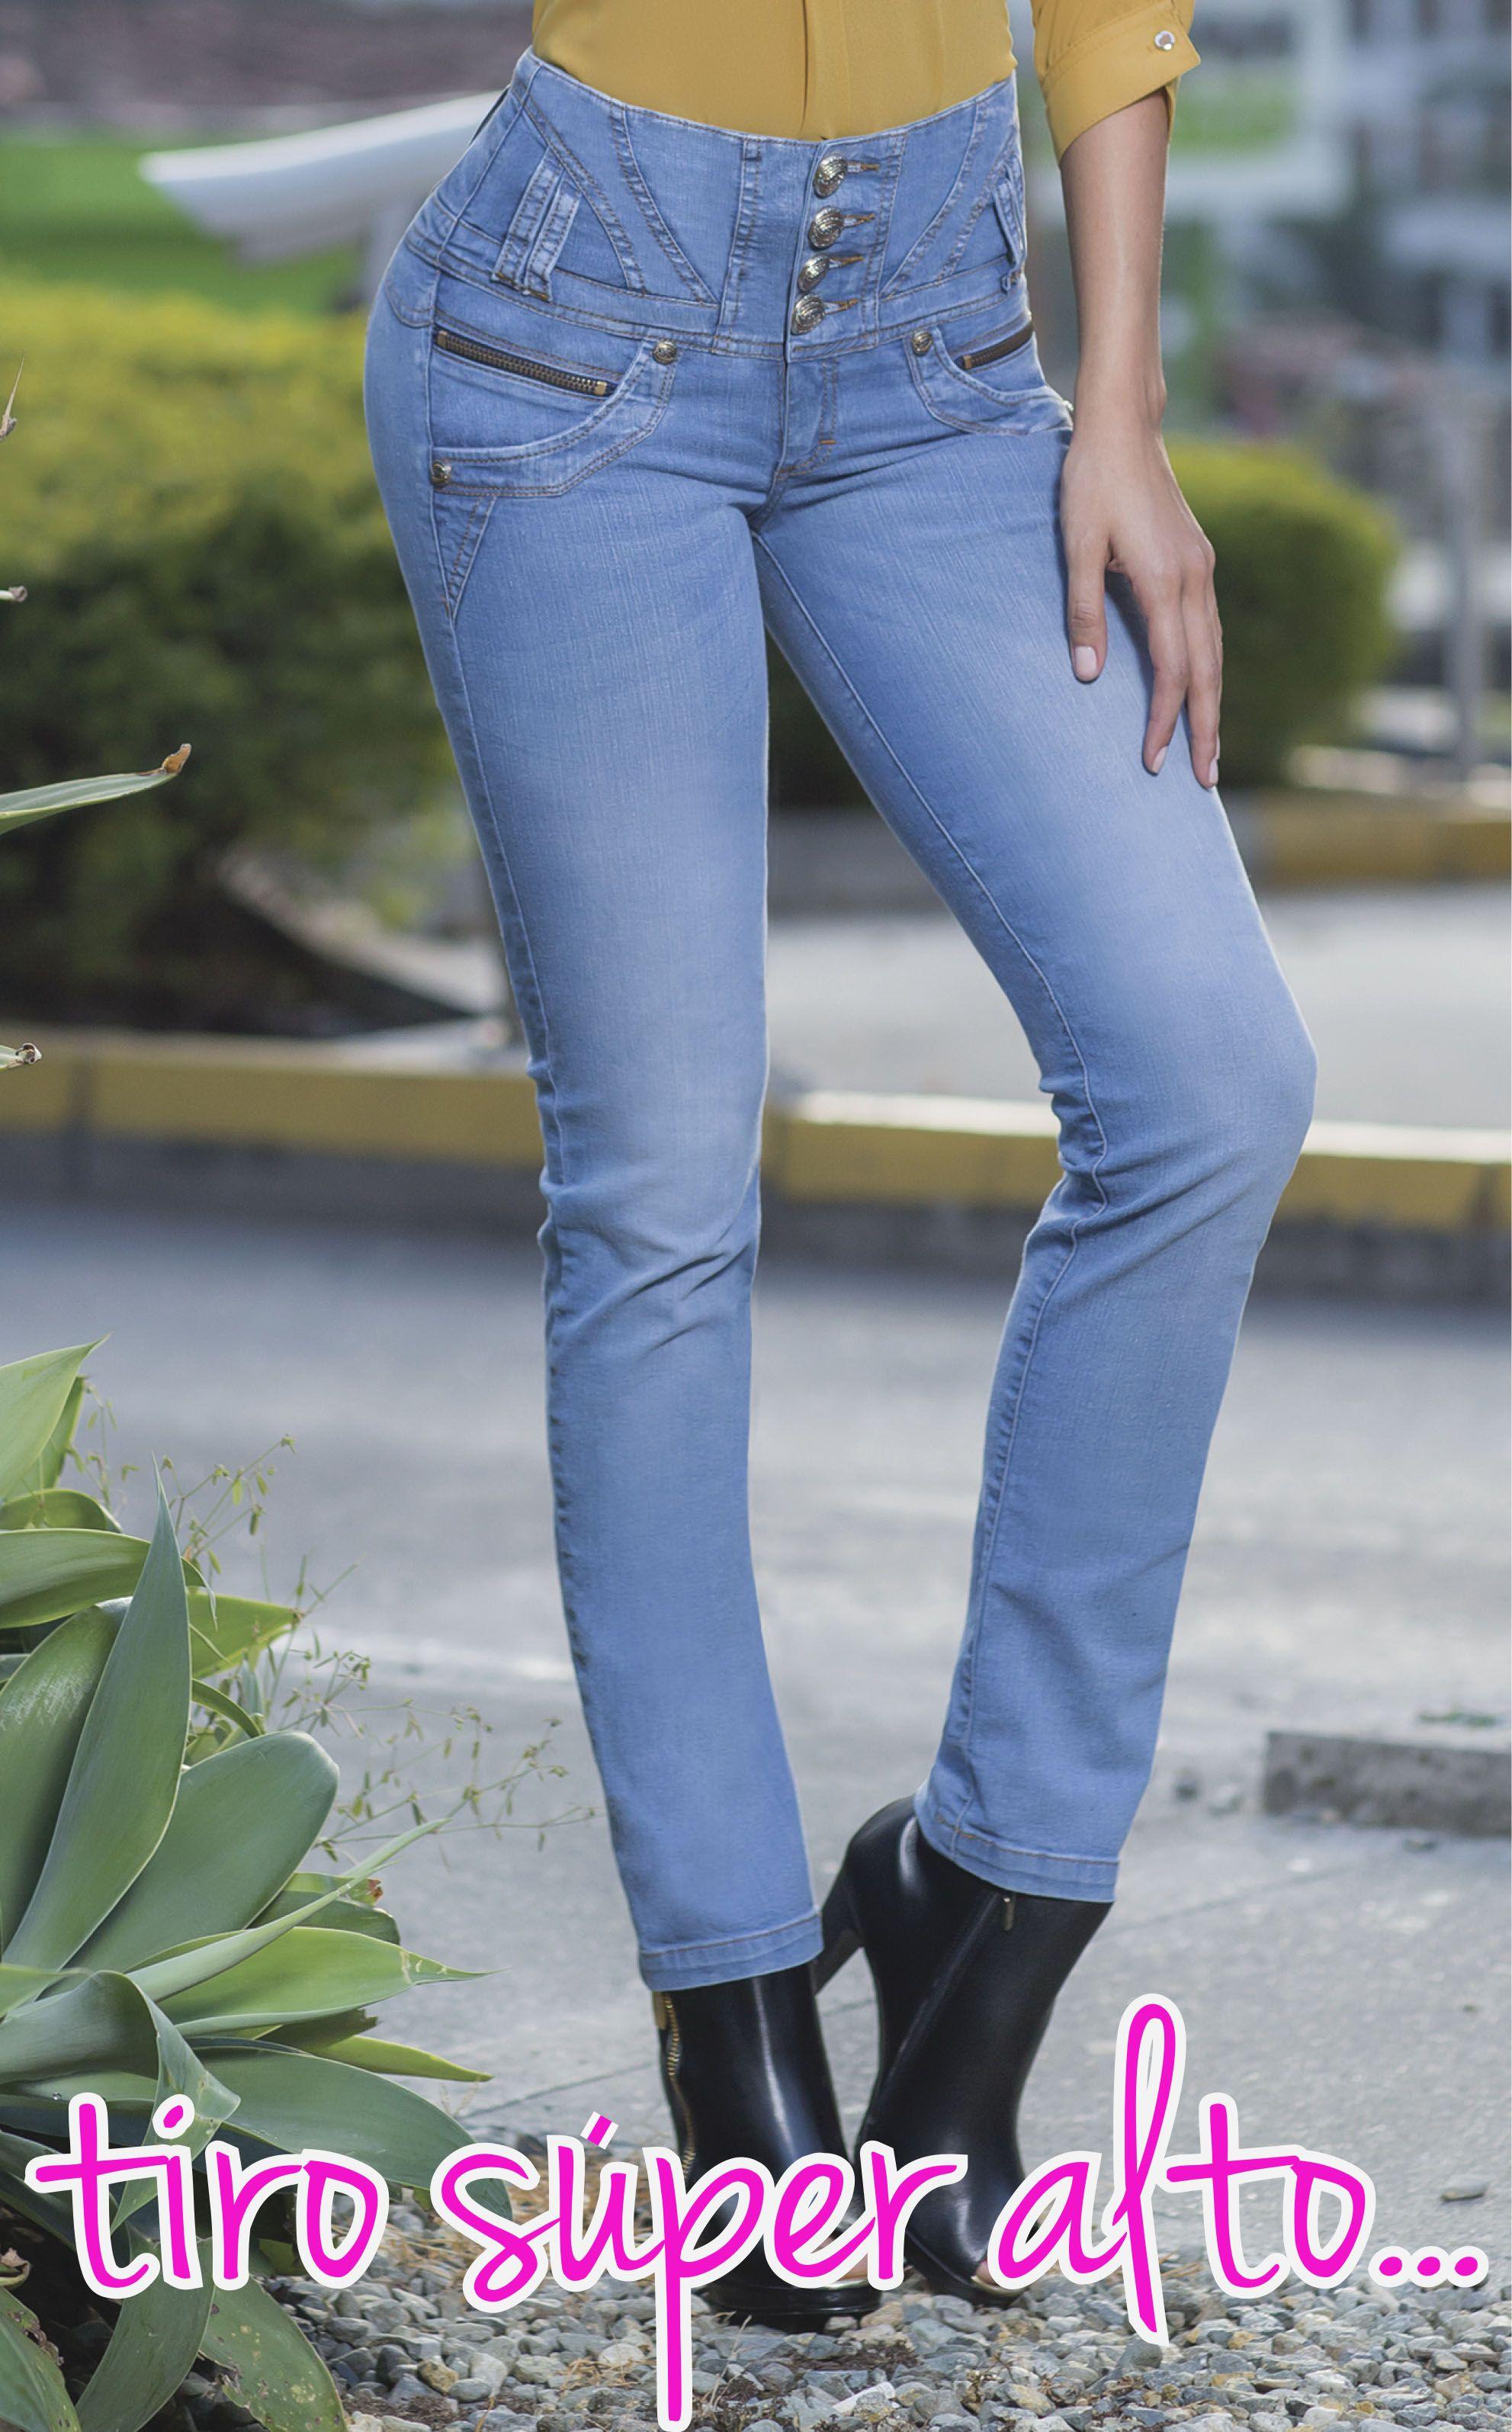 74376dafac3 jeansTyT Creados para estilizar y dar forma a tu silueta. jeans levanta  cola